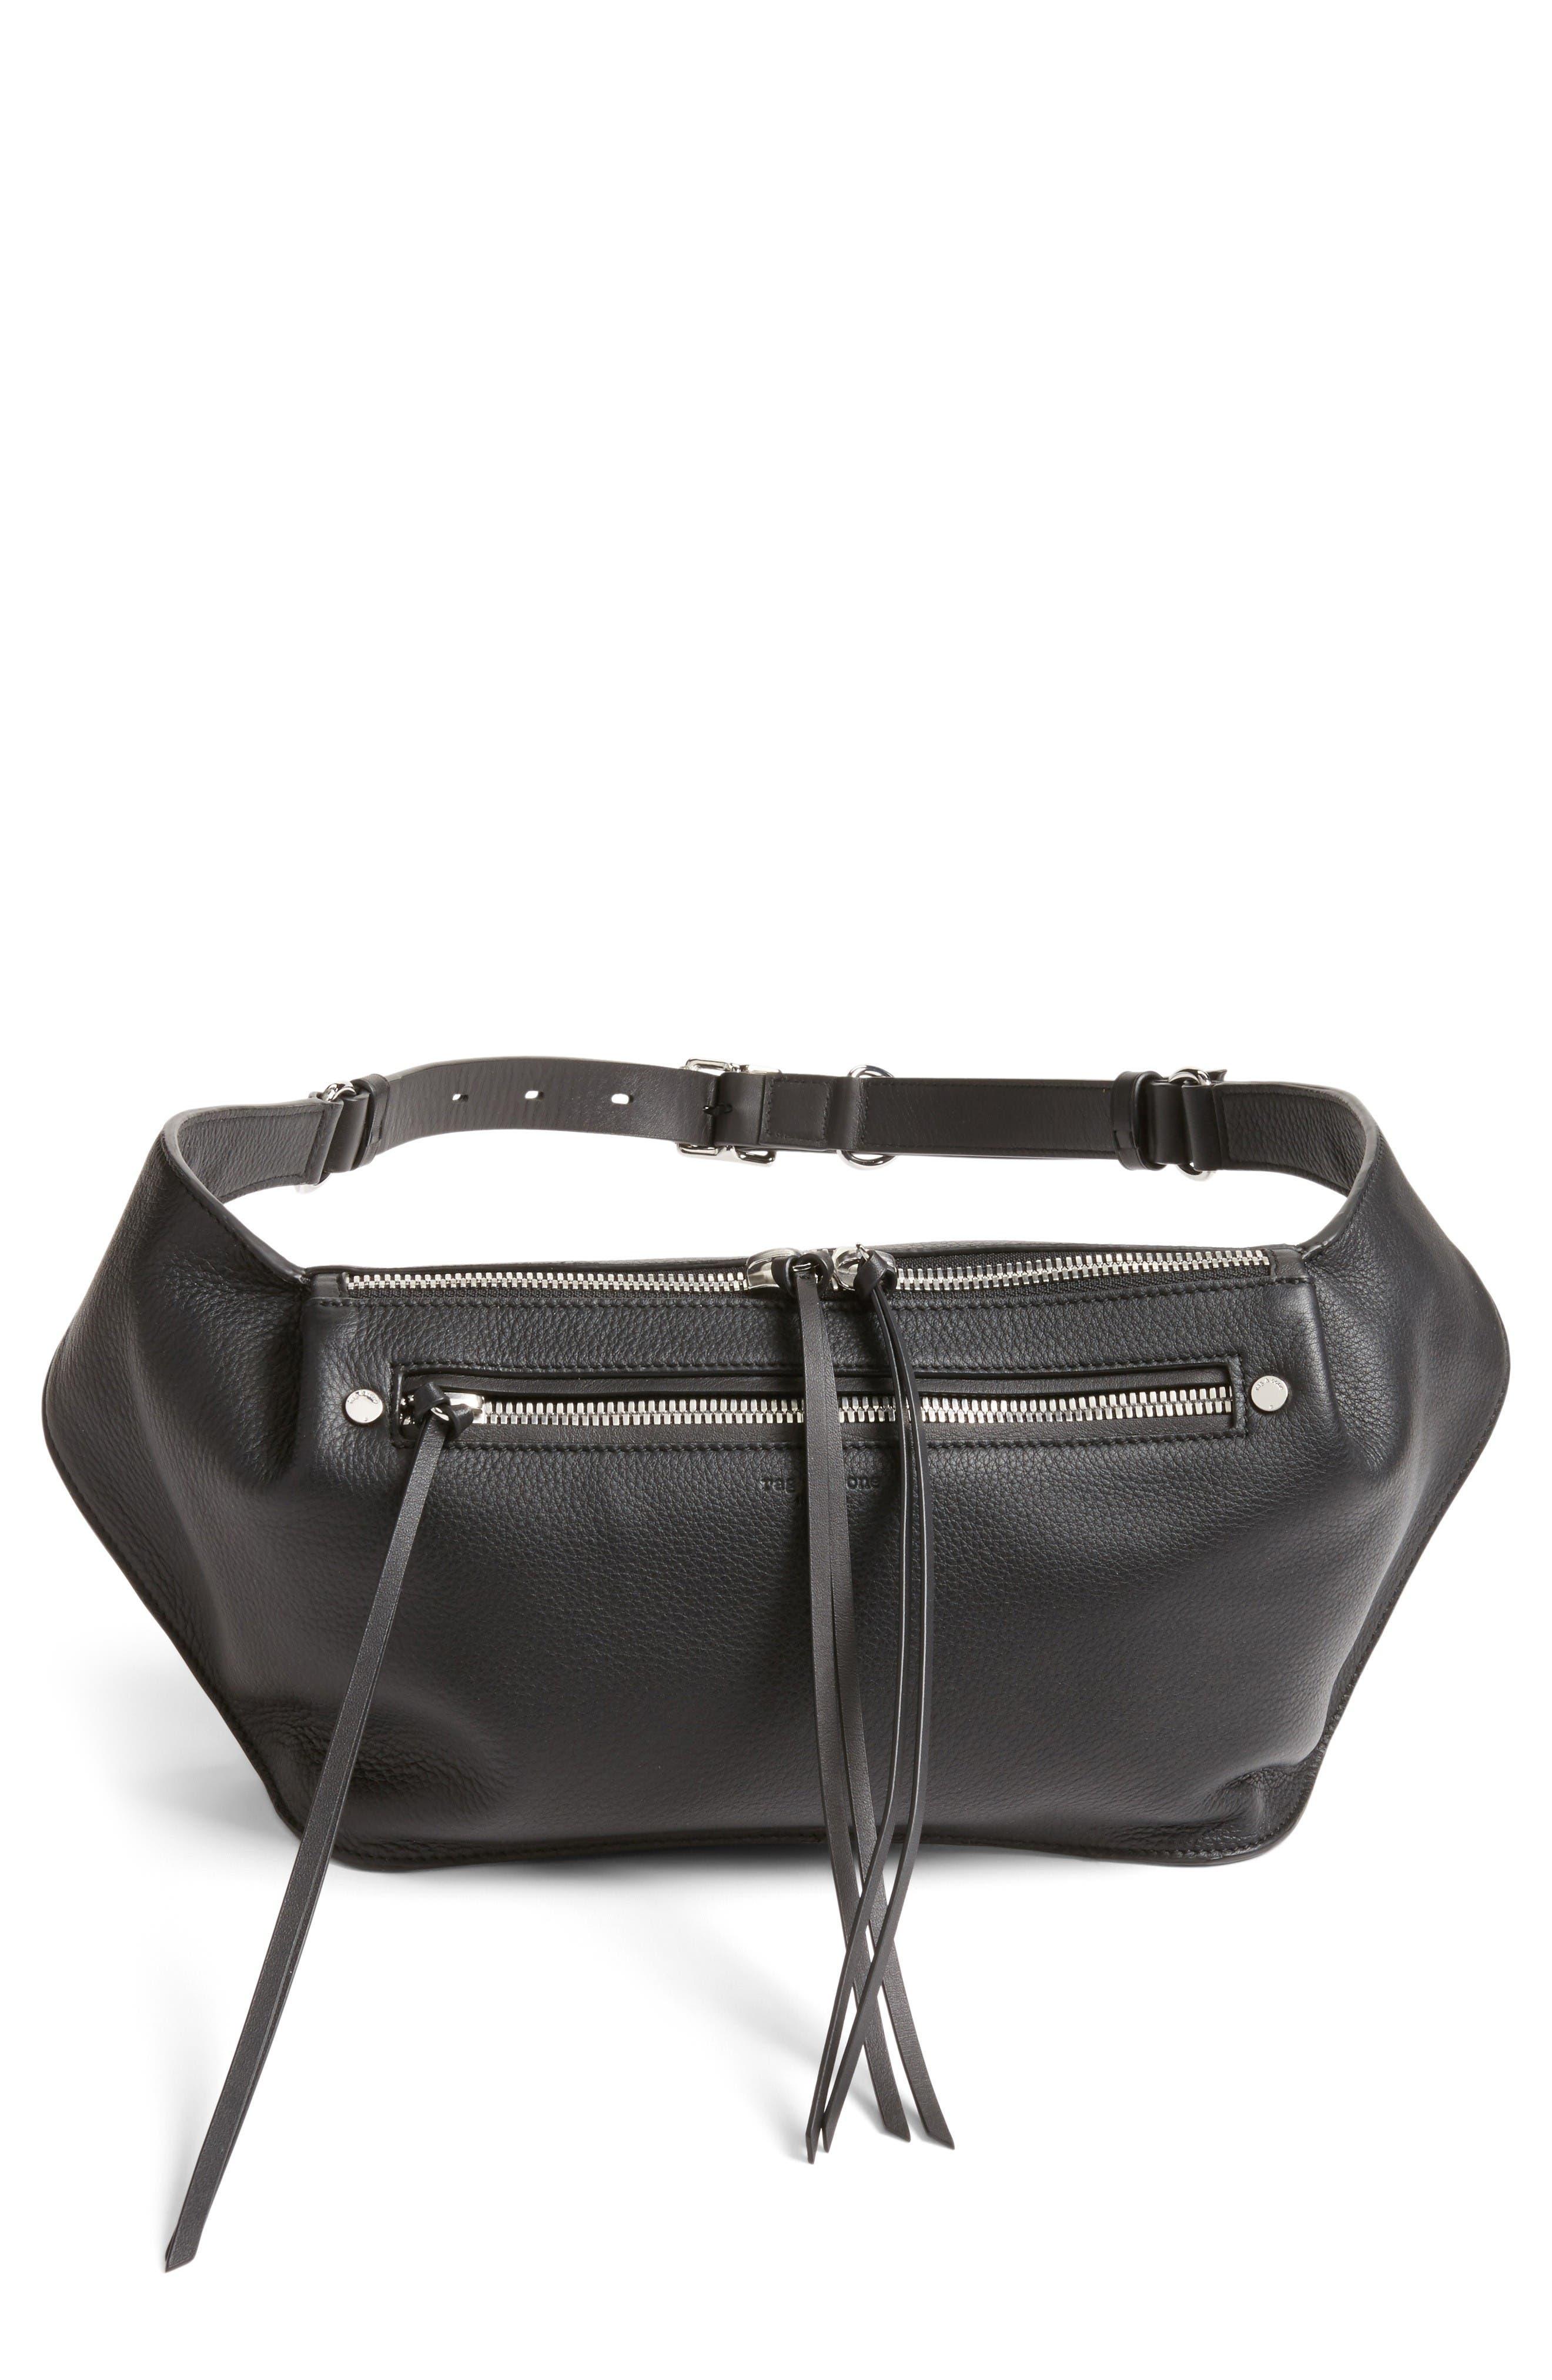 Alternate Image 1 Selected - rag & bone Leather Belt Bag